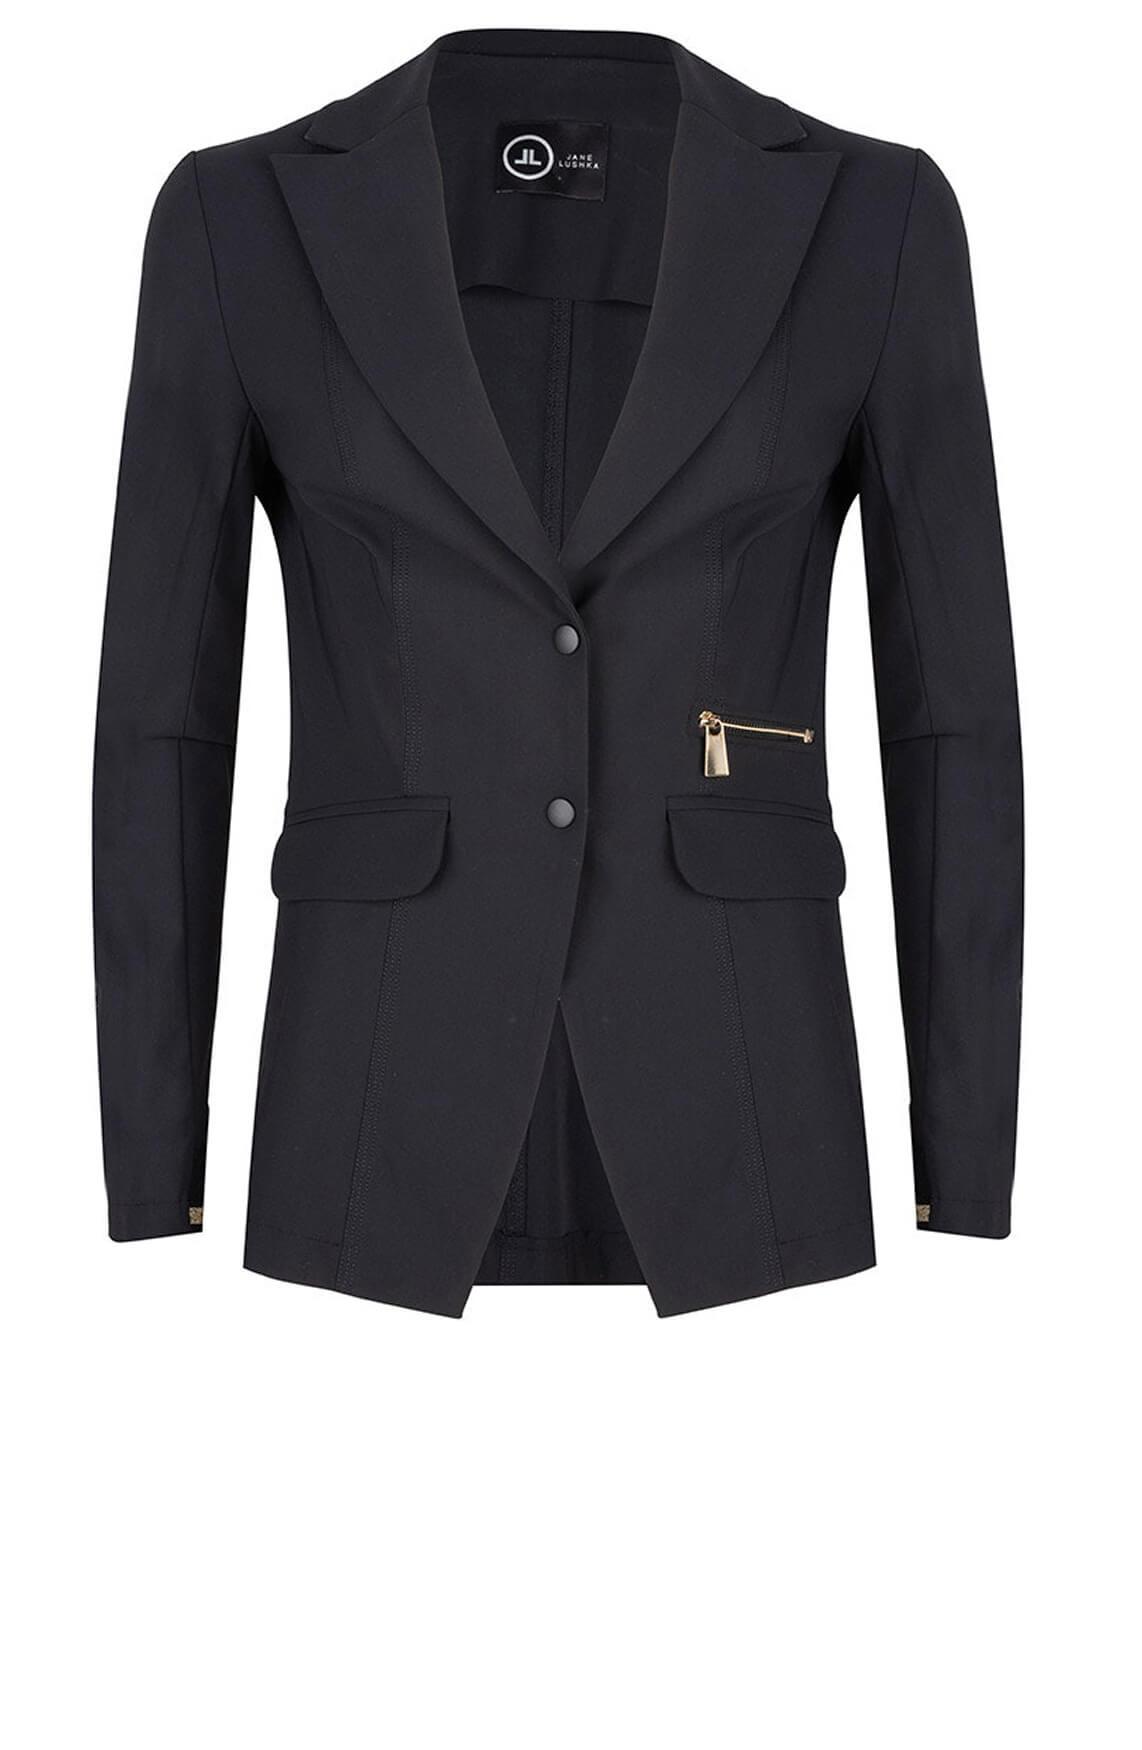 Jane Lushka Dames Jersey blazer met gouden details zwart